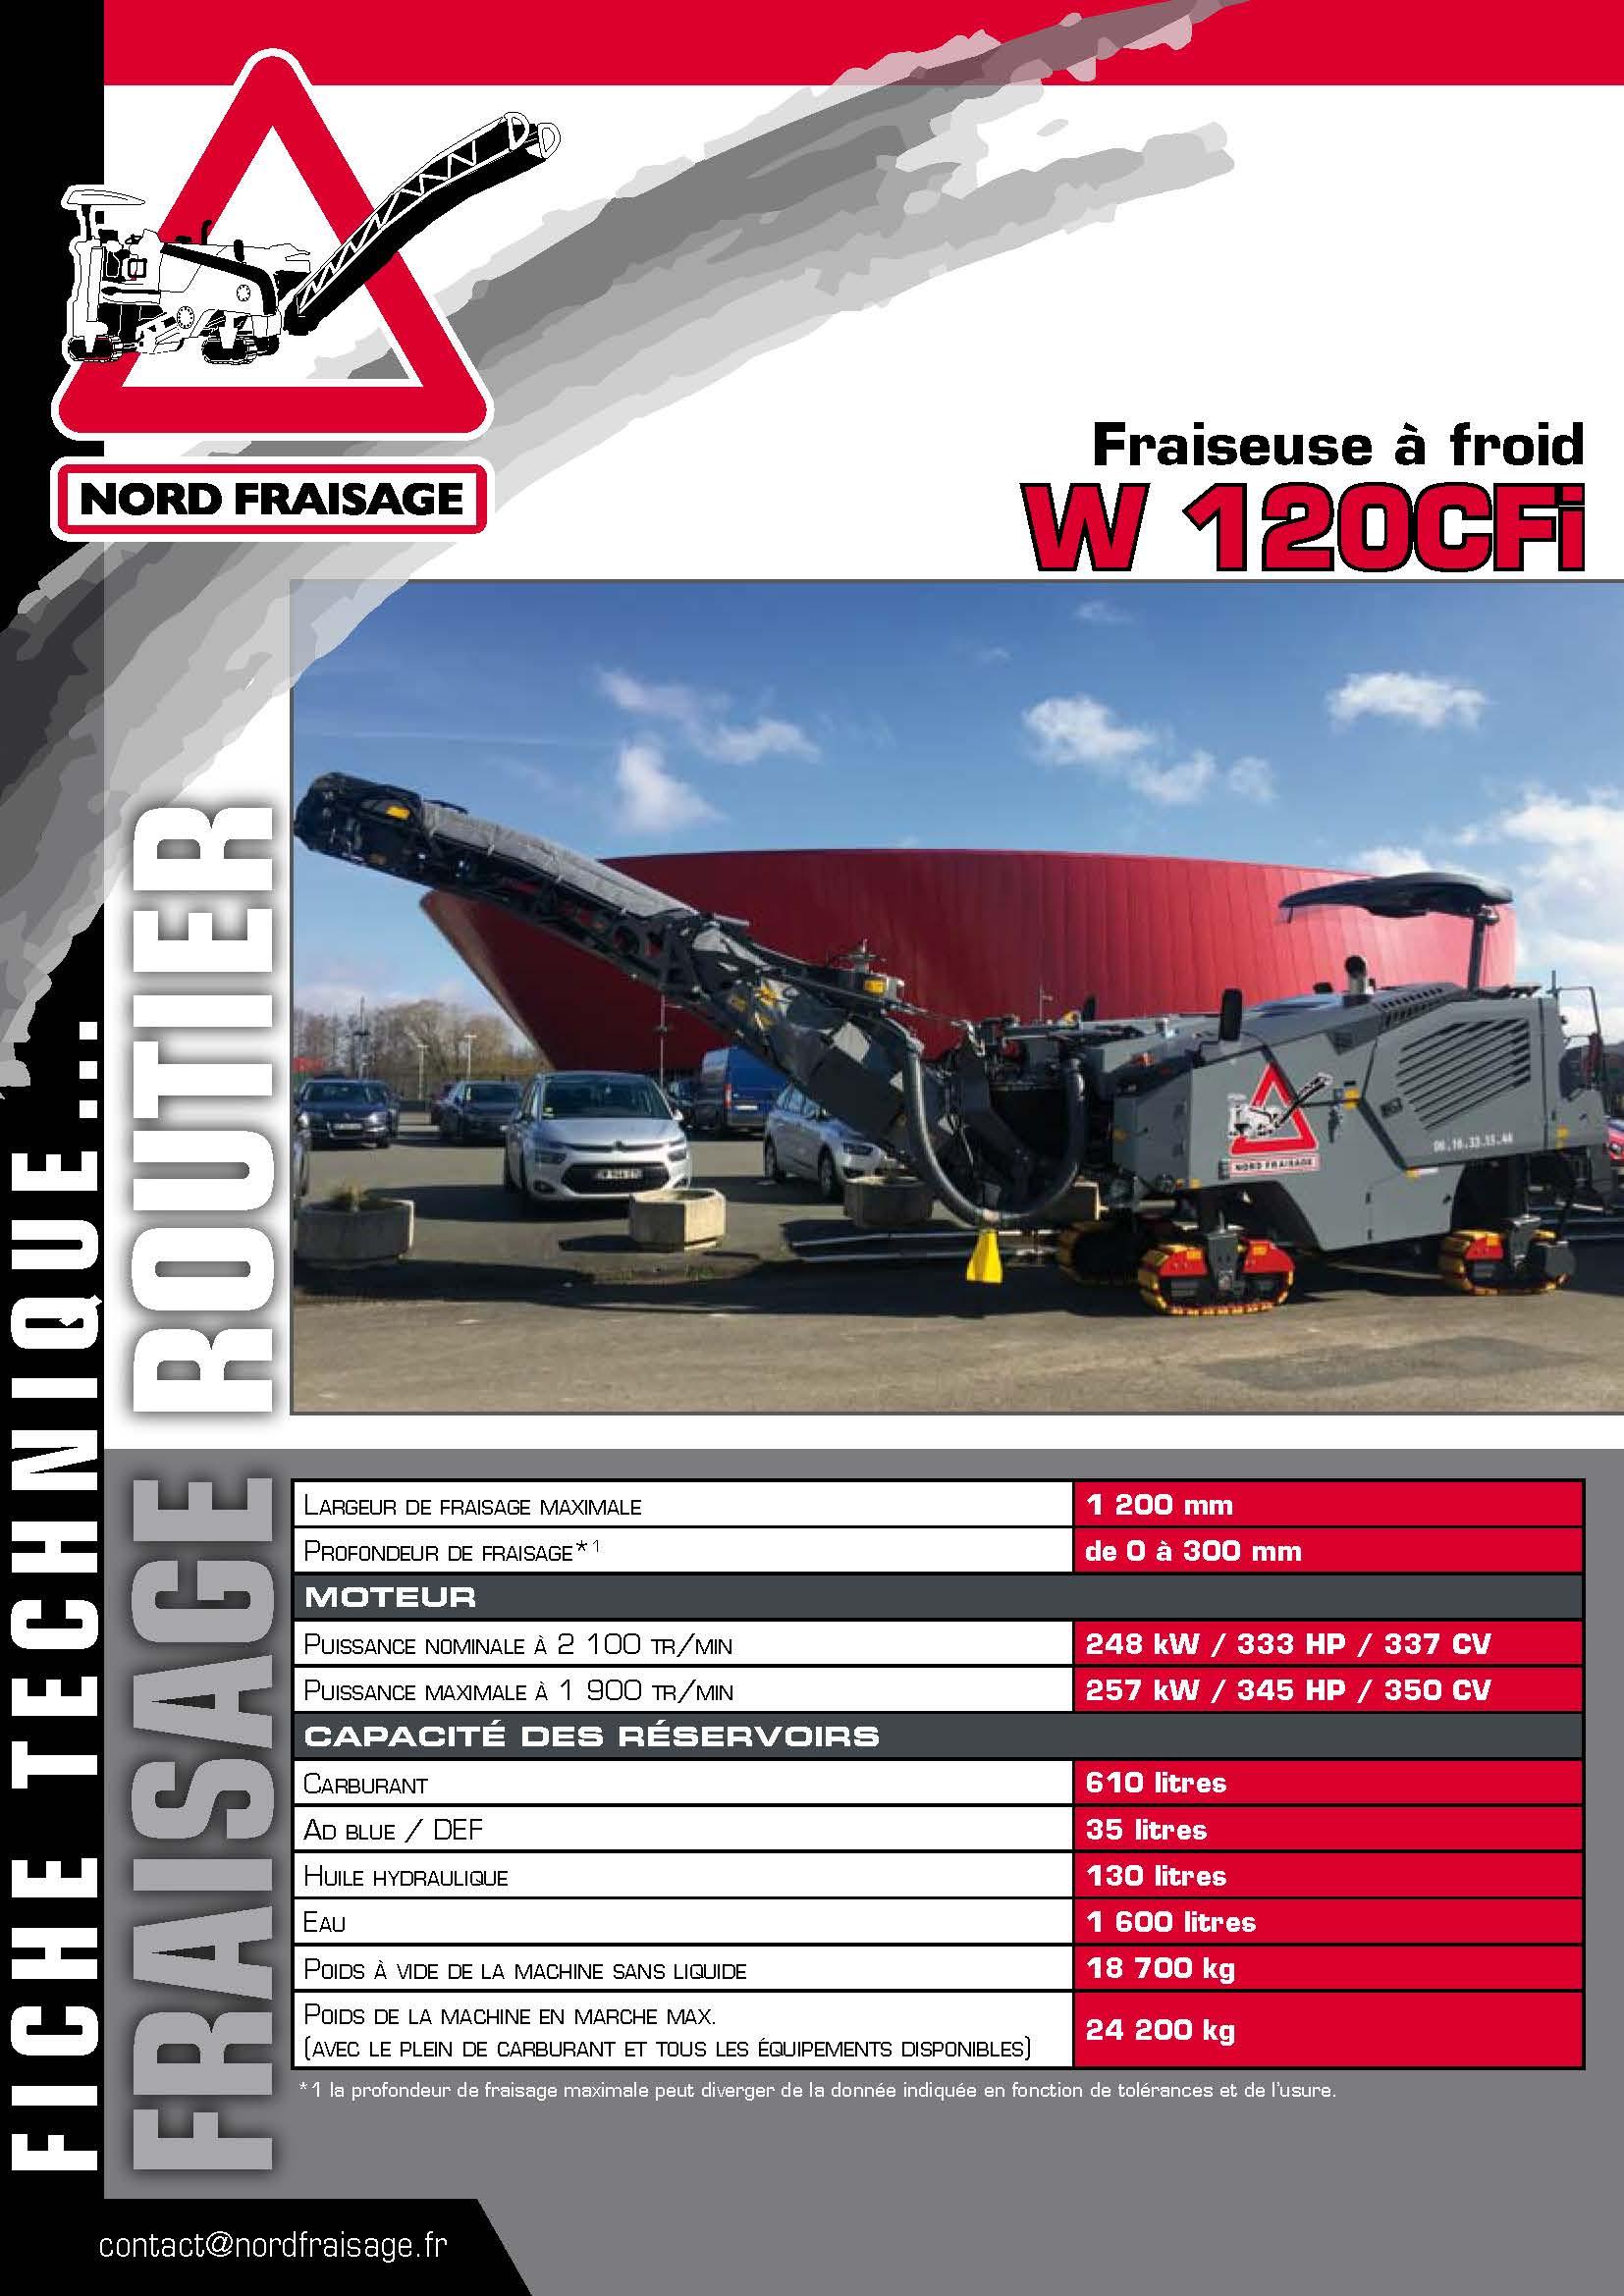 W120CFi_Nord_Fraisage_Page_1